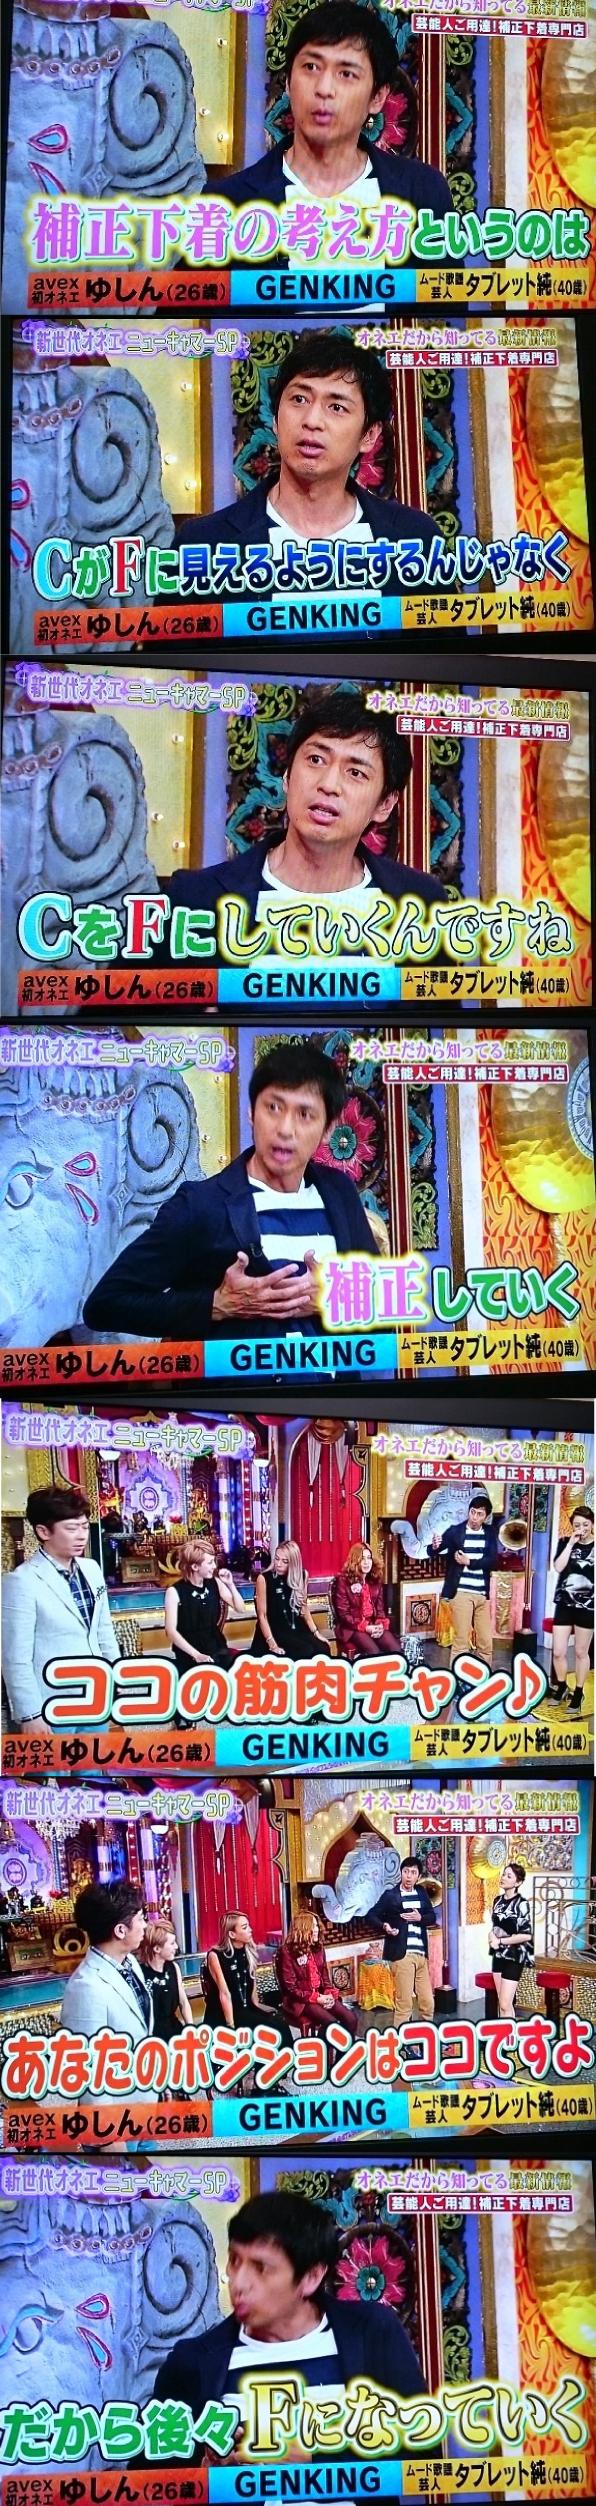 そもそも、補正下着とはなんぞや、ってところですが、 まさに徳井さんの言う通りなんです!!